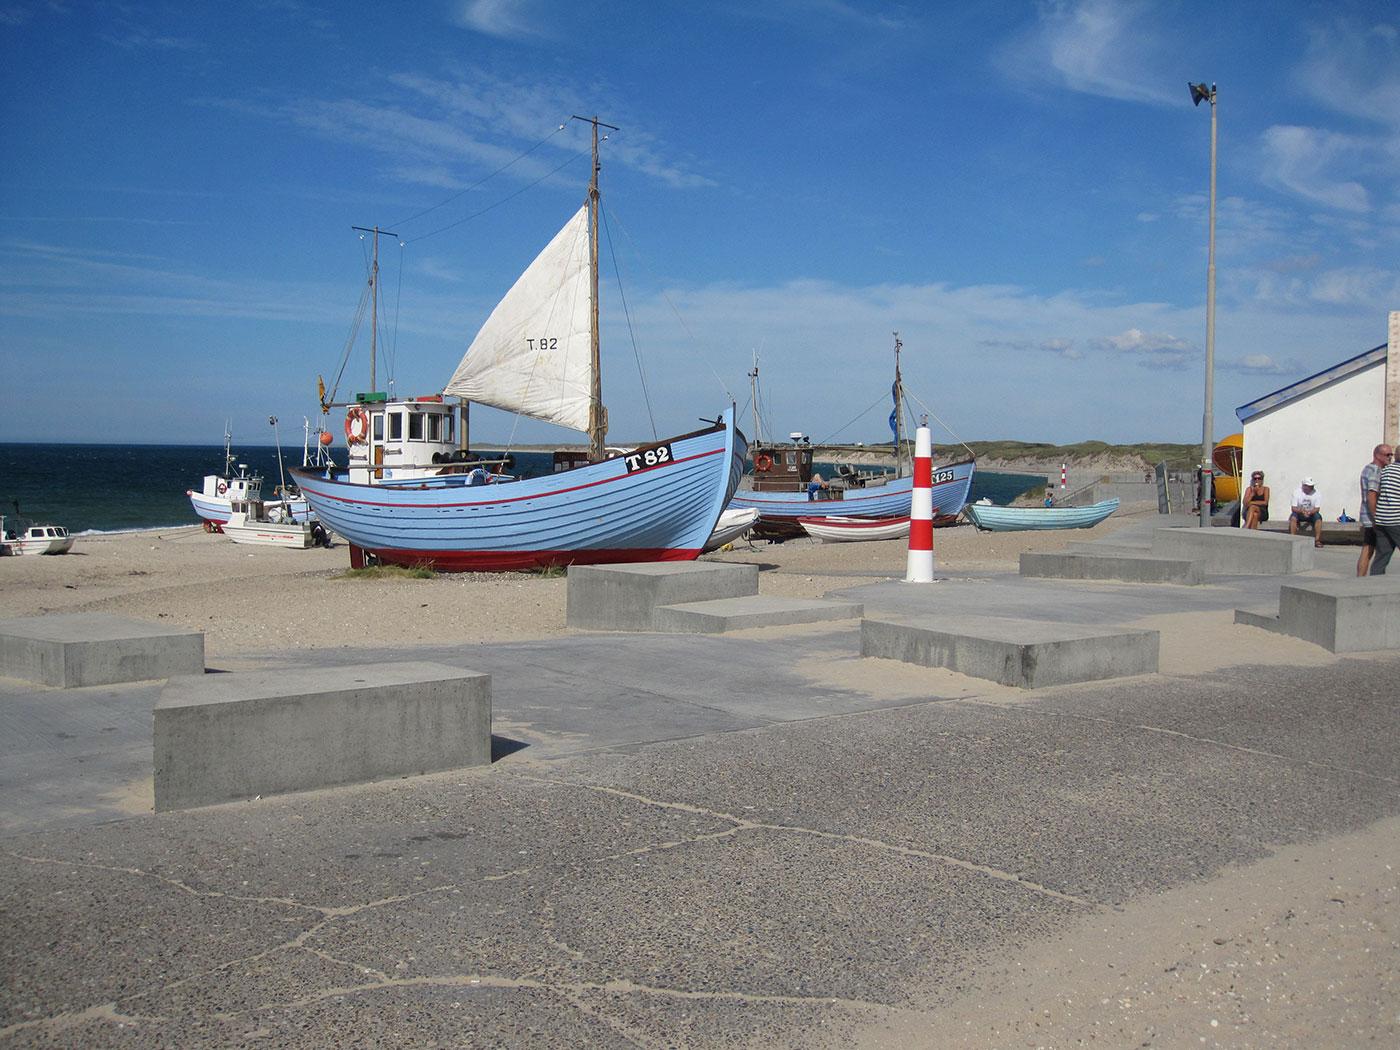 Strand med fiskerbåde i baggrund og fast sti i forgrund. Personer sidder på bænk ved bygning.